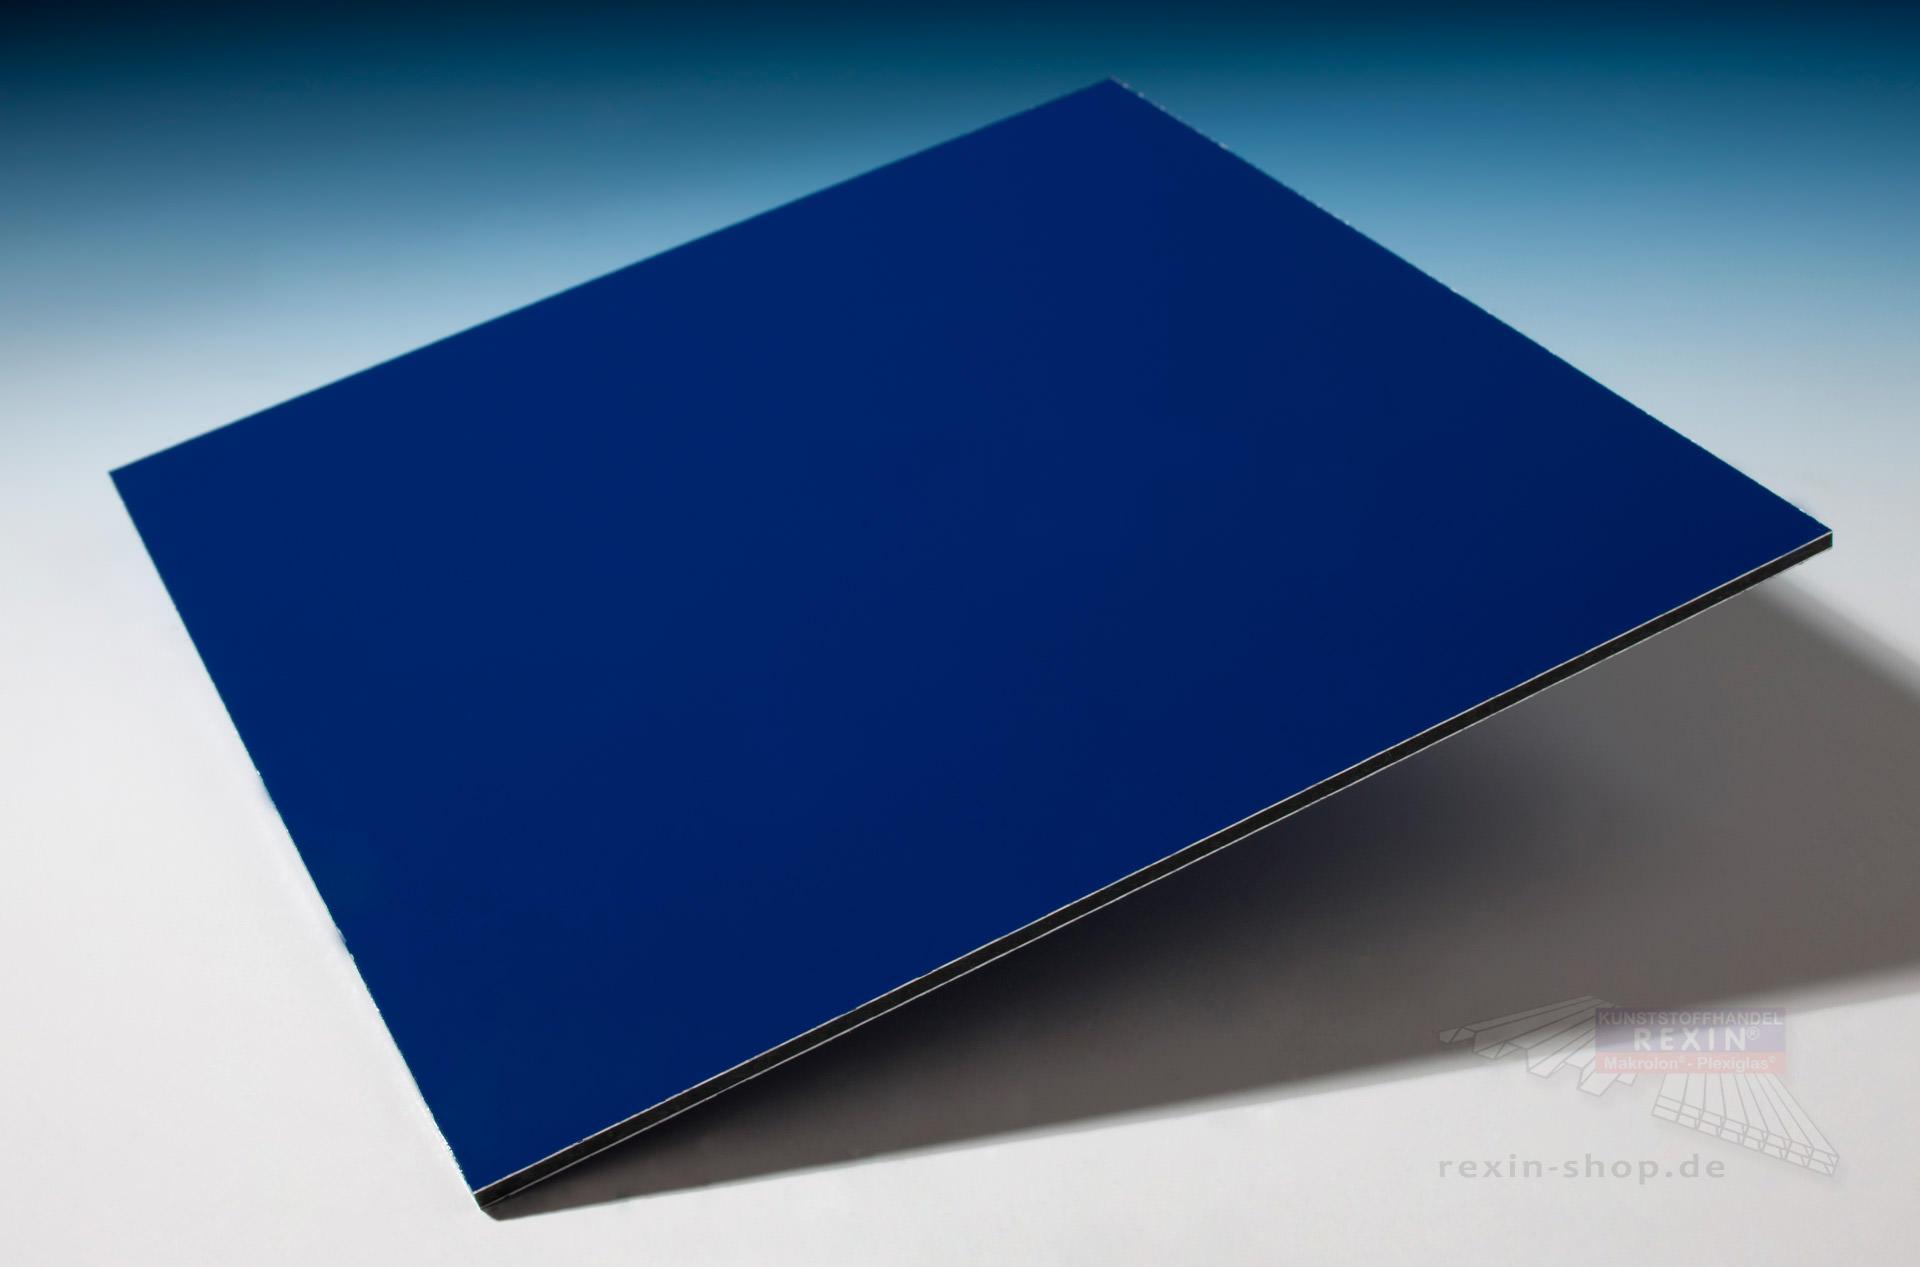 rexobond alu verbundplatten 3mm blau ral 5002 rexobond alu verbundplatten 3mm blau ral. Black Bedroom Furniture Sets. Home Design Ideas